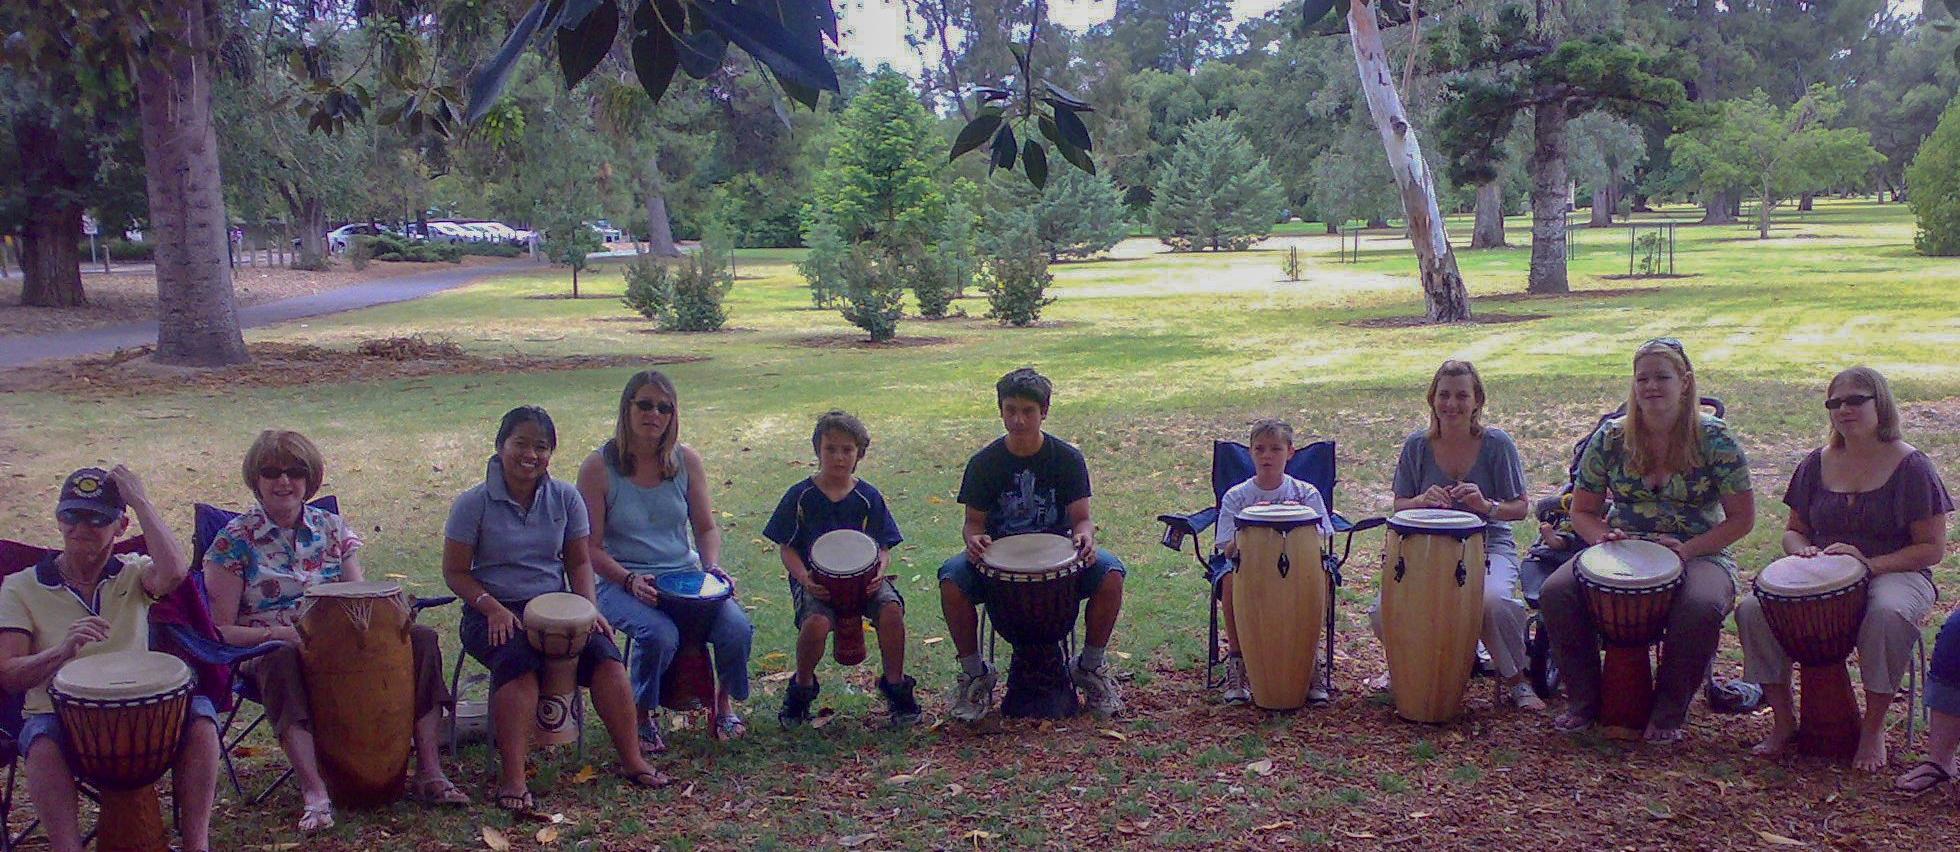 Drumming_Wkshop_-_Botanic_Pk.jpg